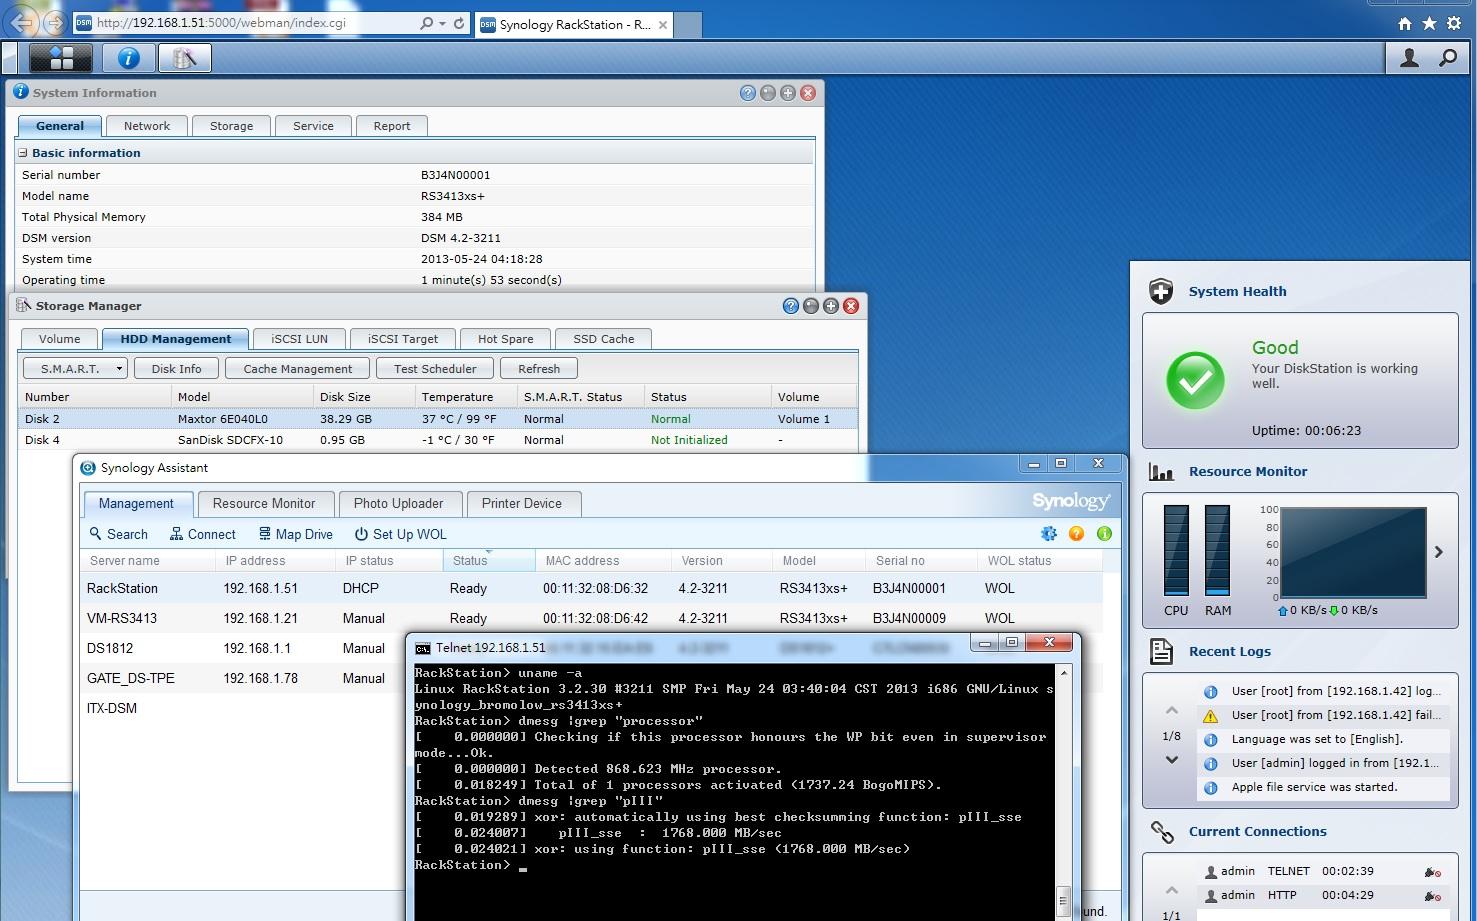 RS3413xs_3211_x86_P3.jpg.c465263a0537804f73af3217bfcda5a6.jpg